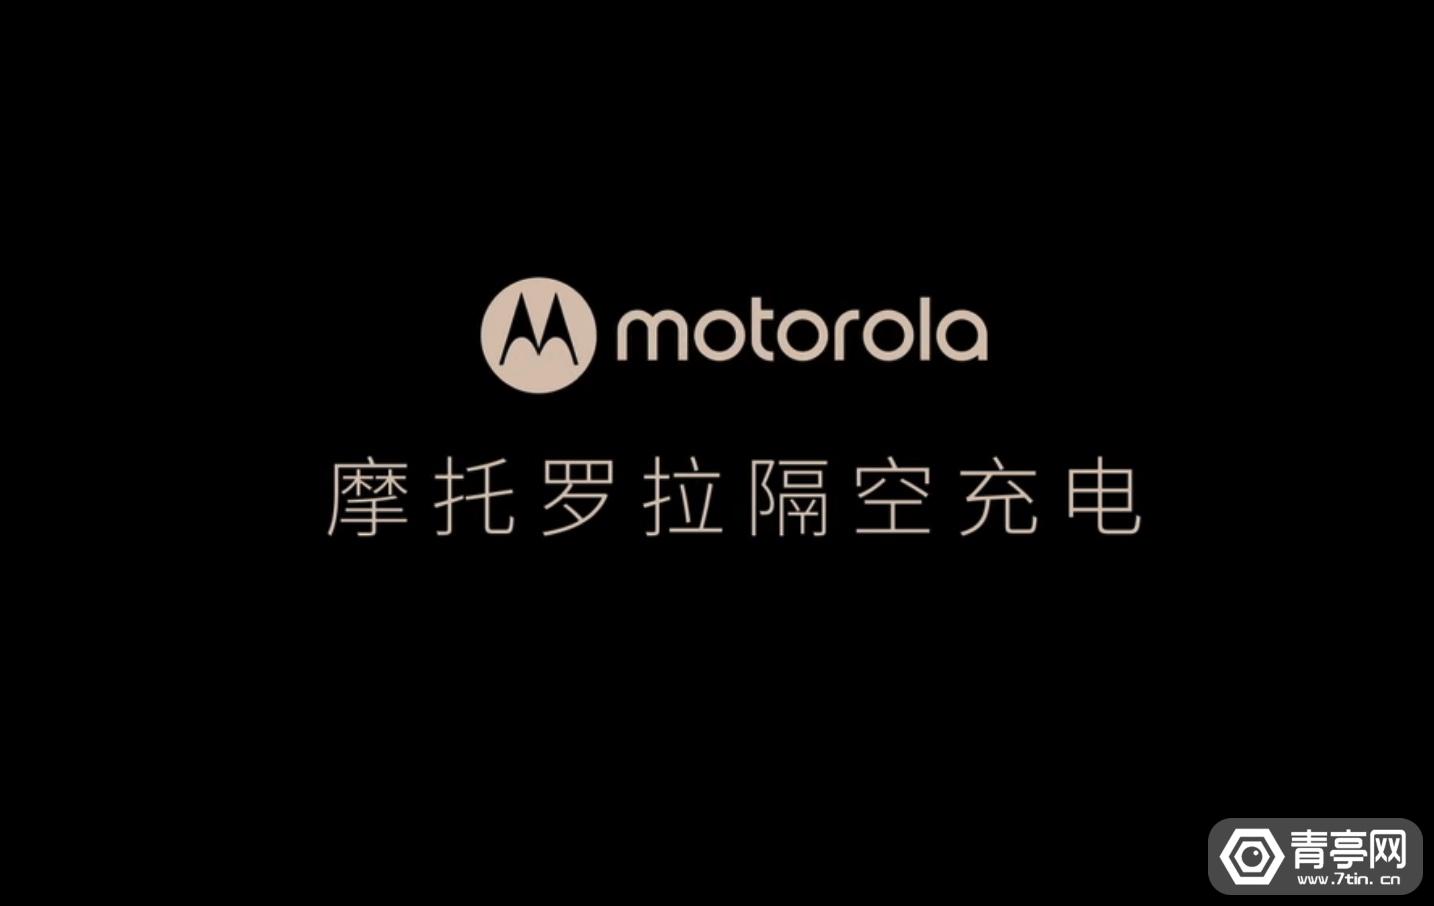 摩托罗拉展示无线充电技术,最大3米,覆盖100度